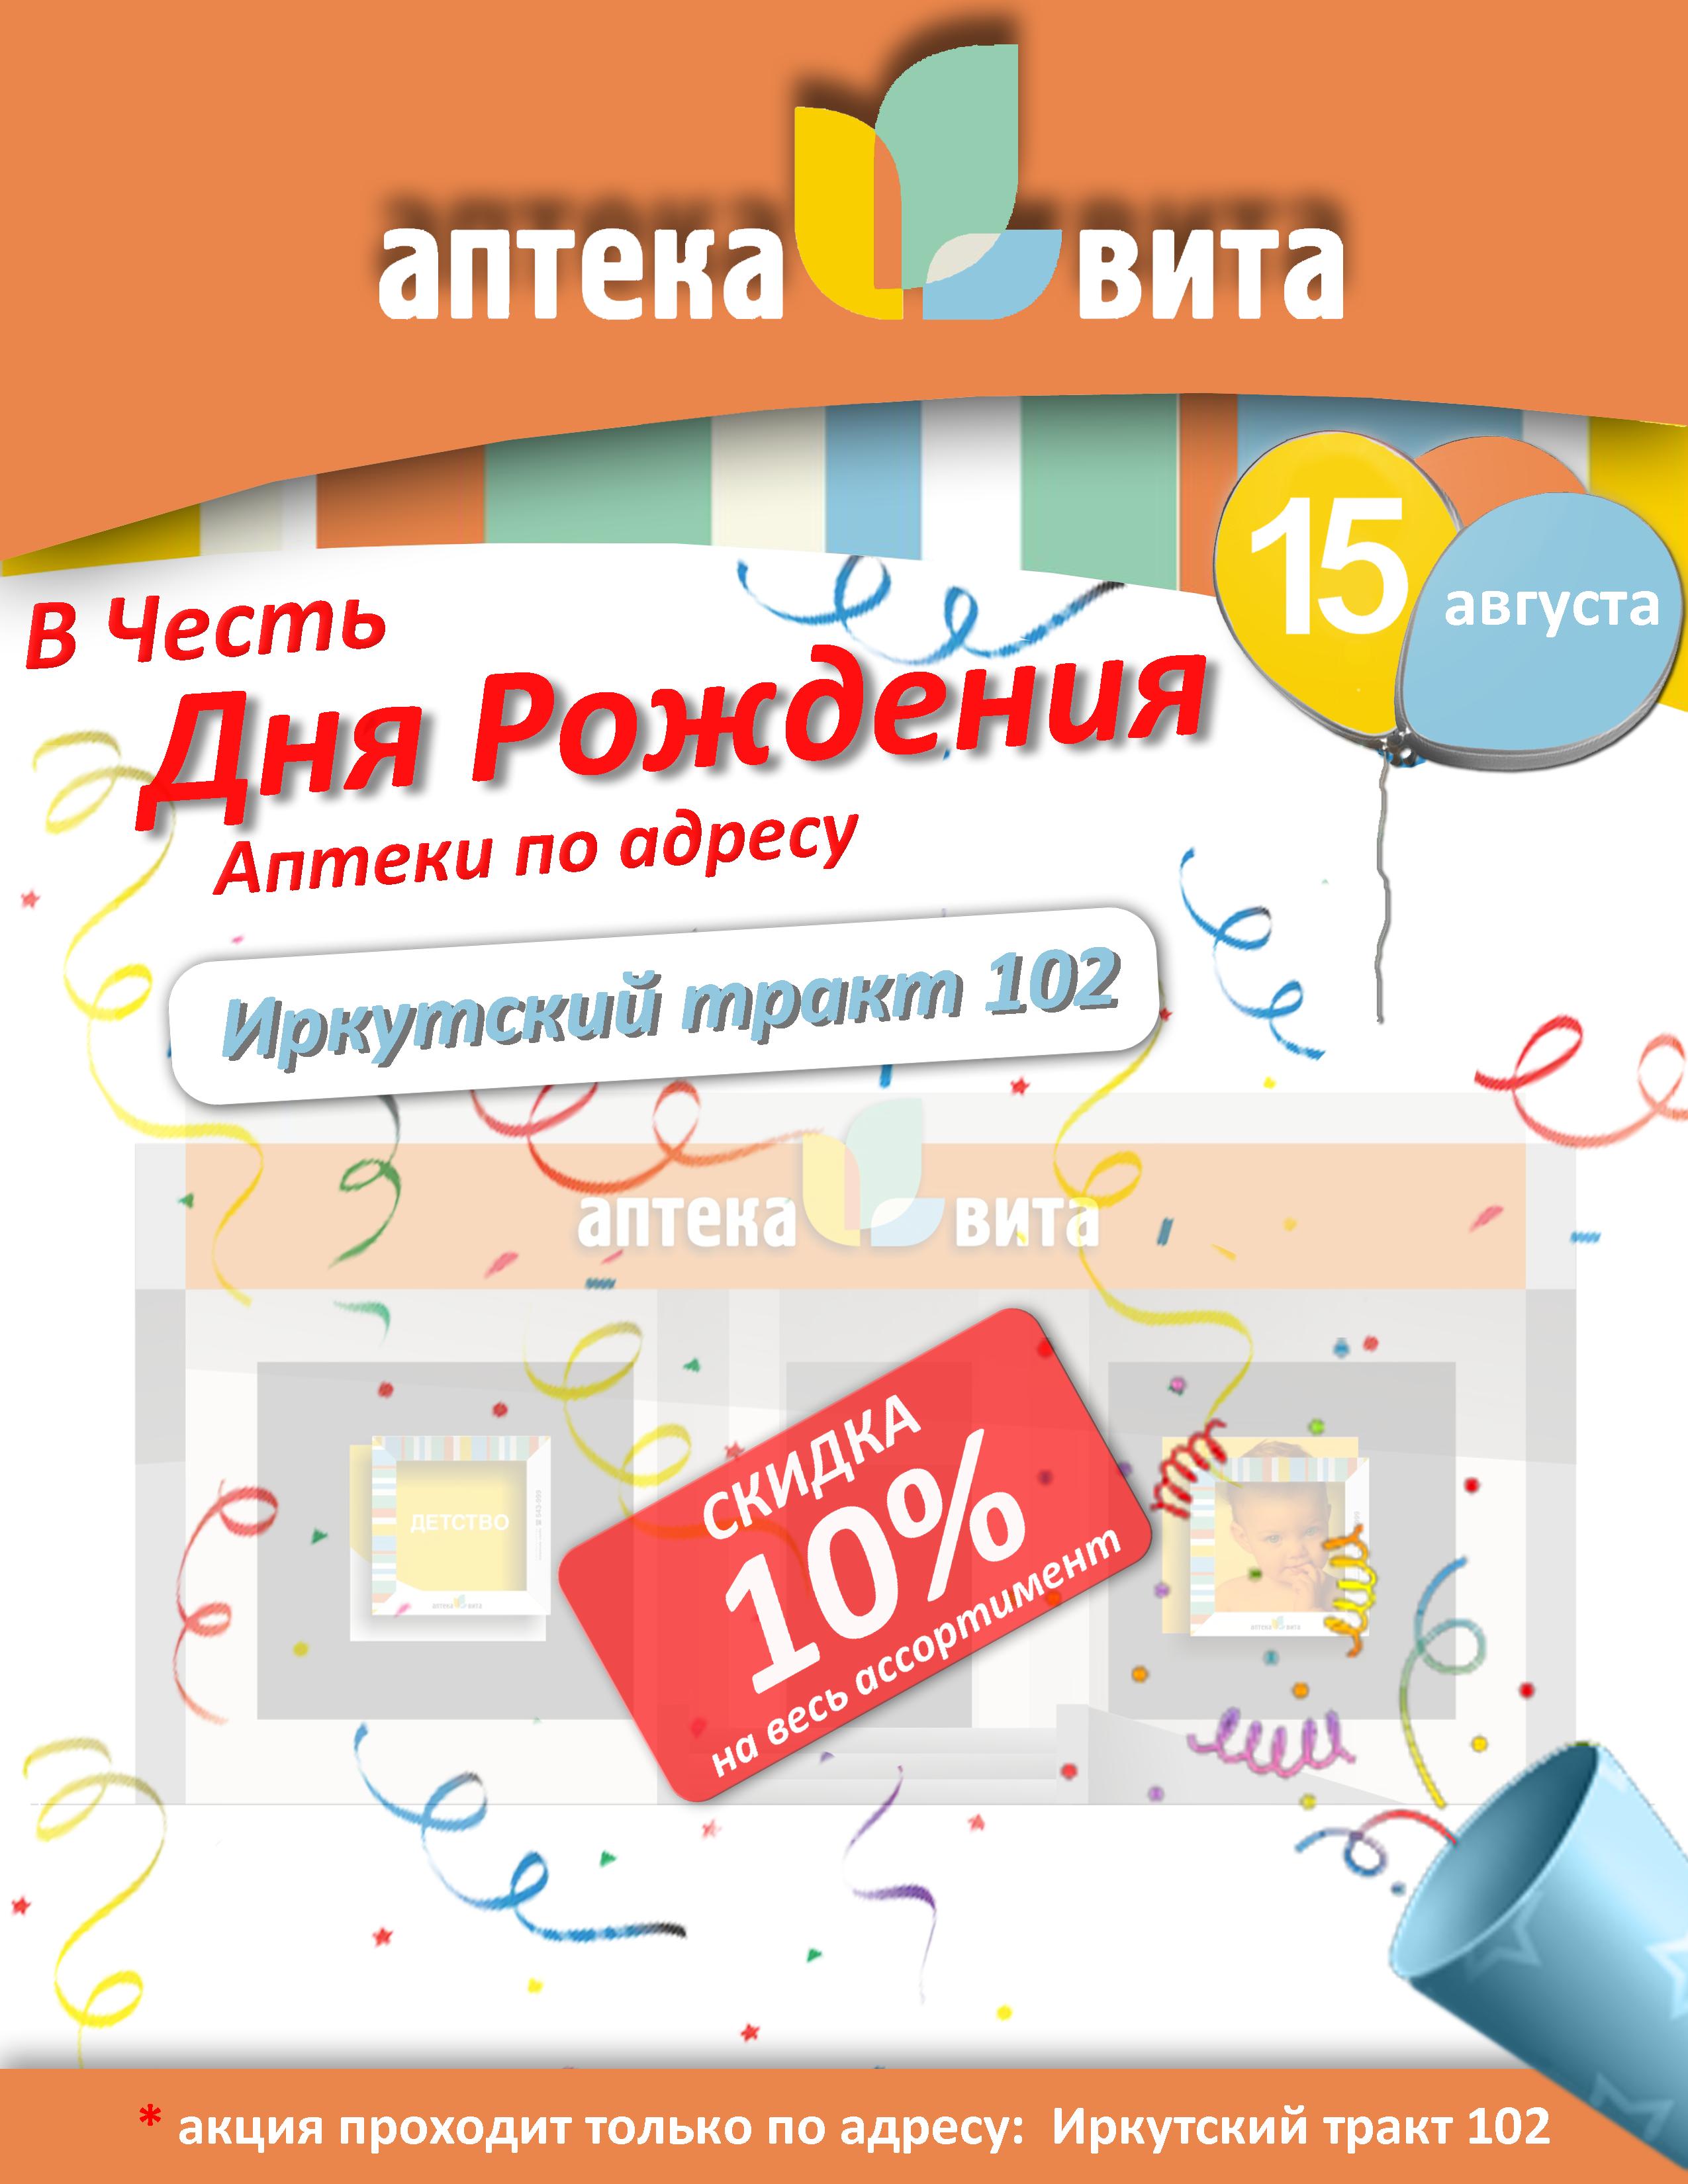 Юбилей аптеки поздравление